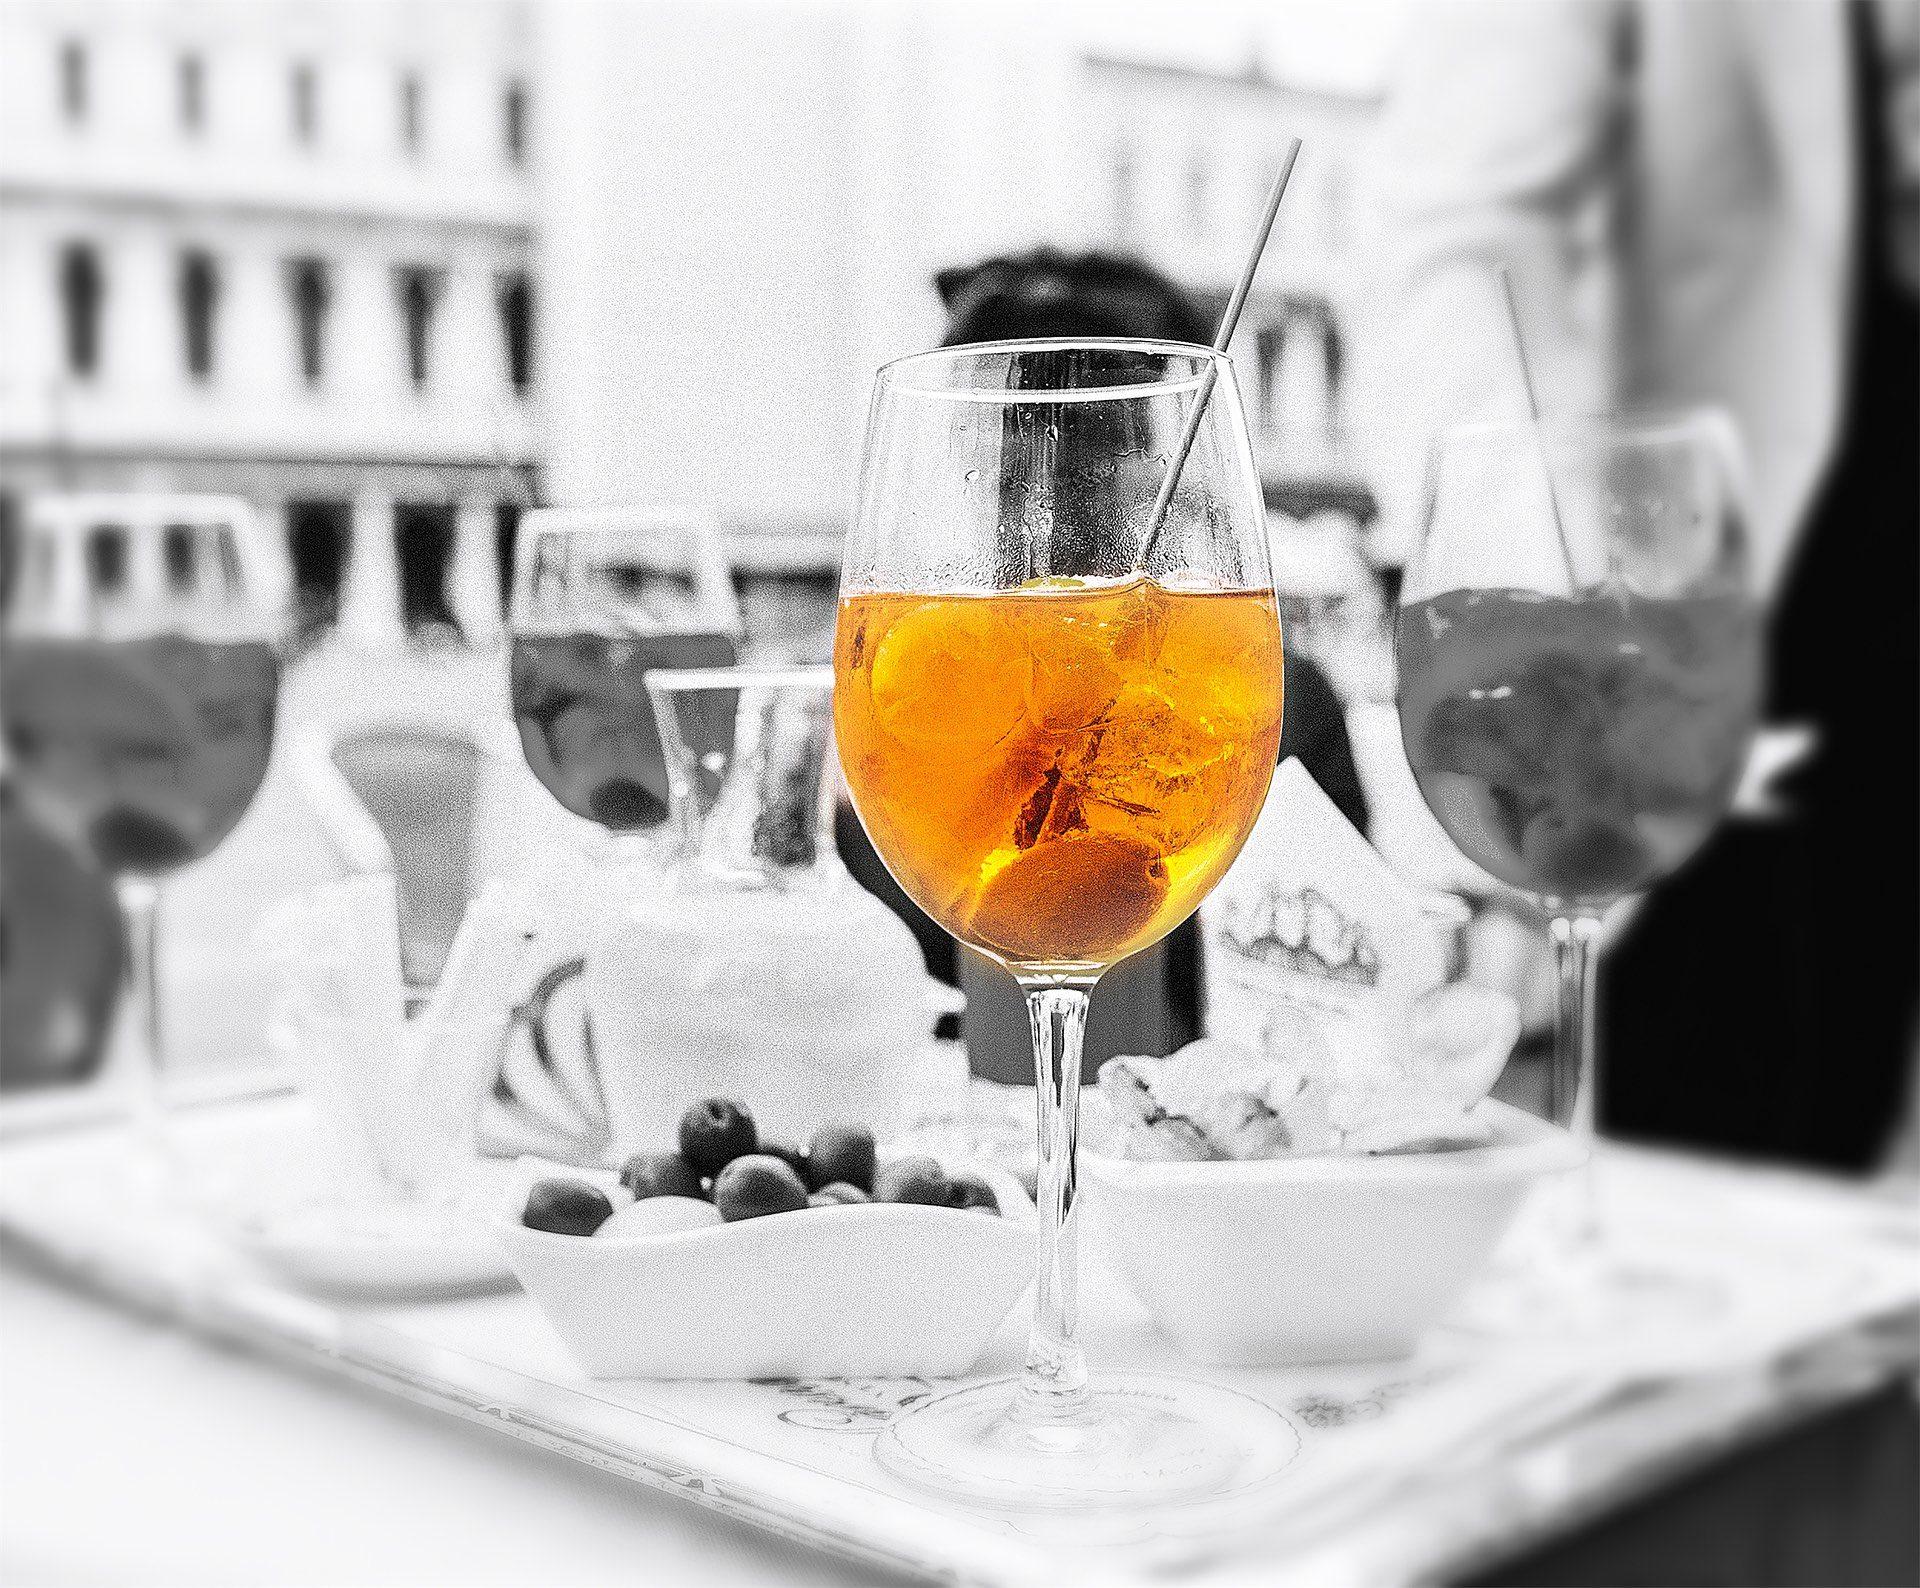 Coupe, Martini, glace, olive, en noir et blanc - Fonds d'écran HD - Professor-falken.com